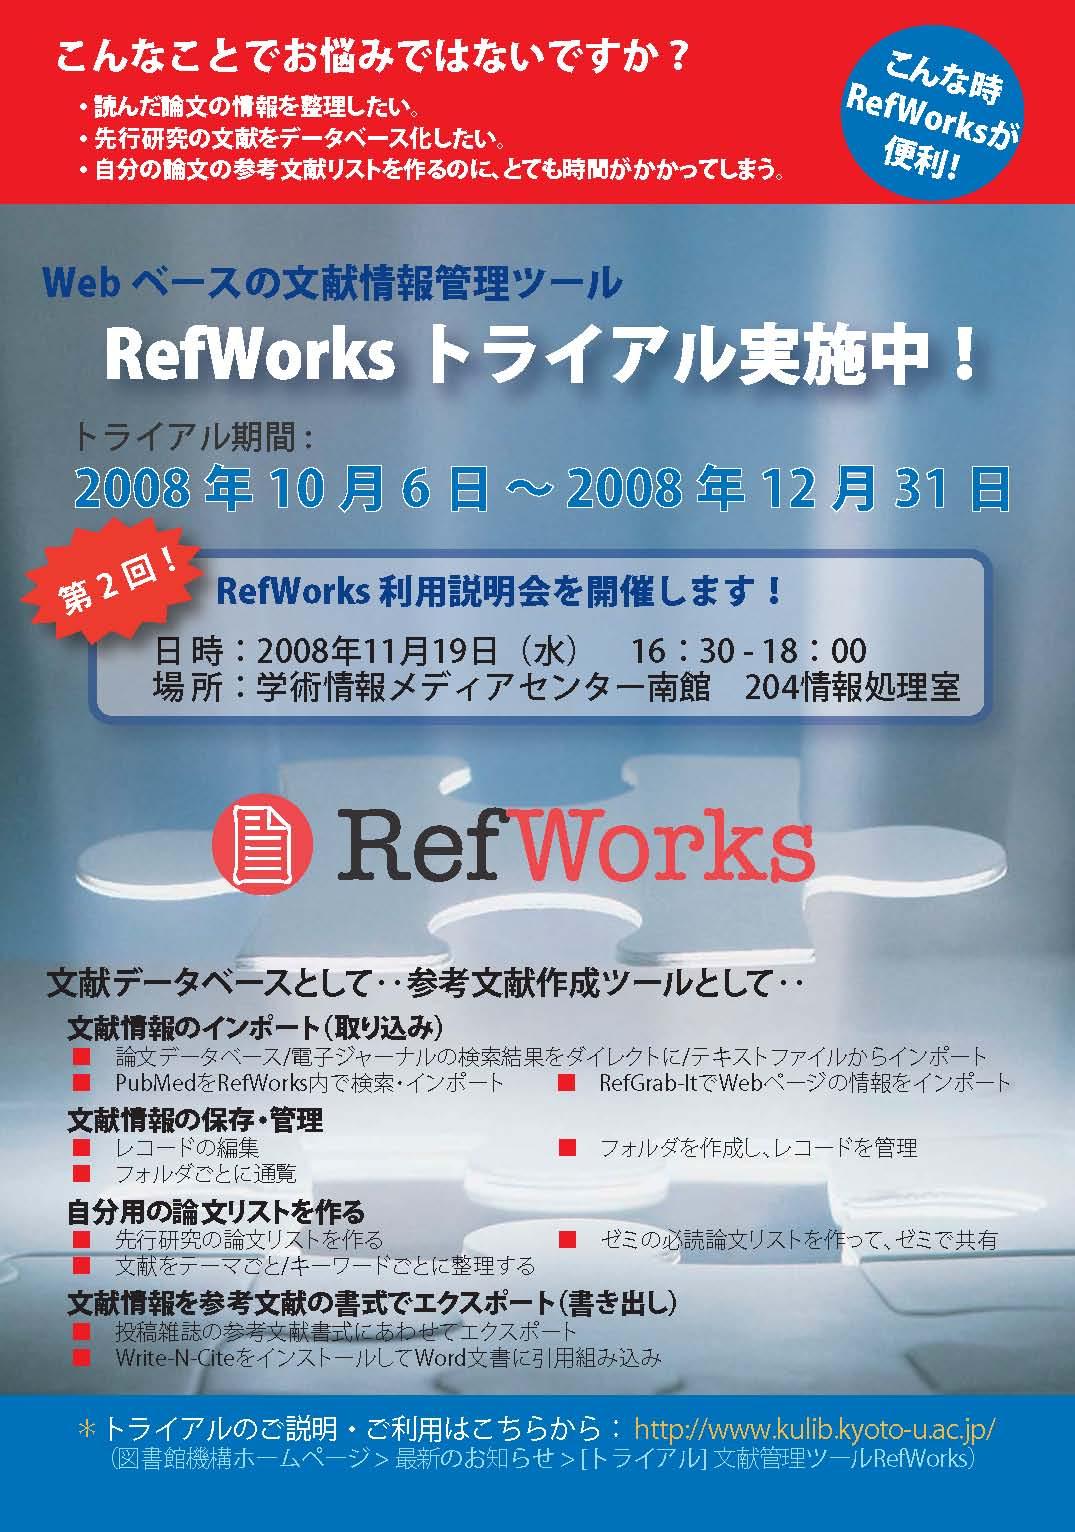 第2回RefWorks利用説明会ポスター